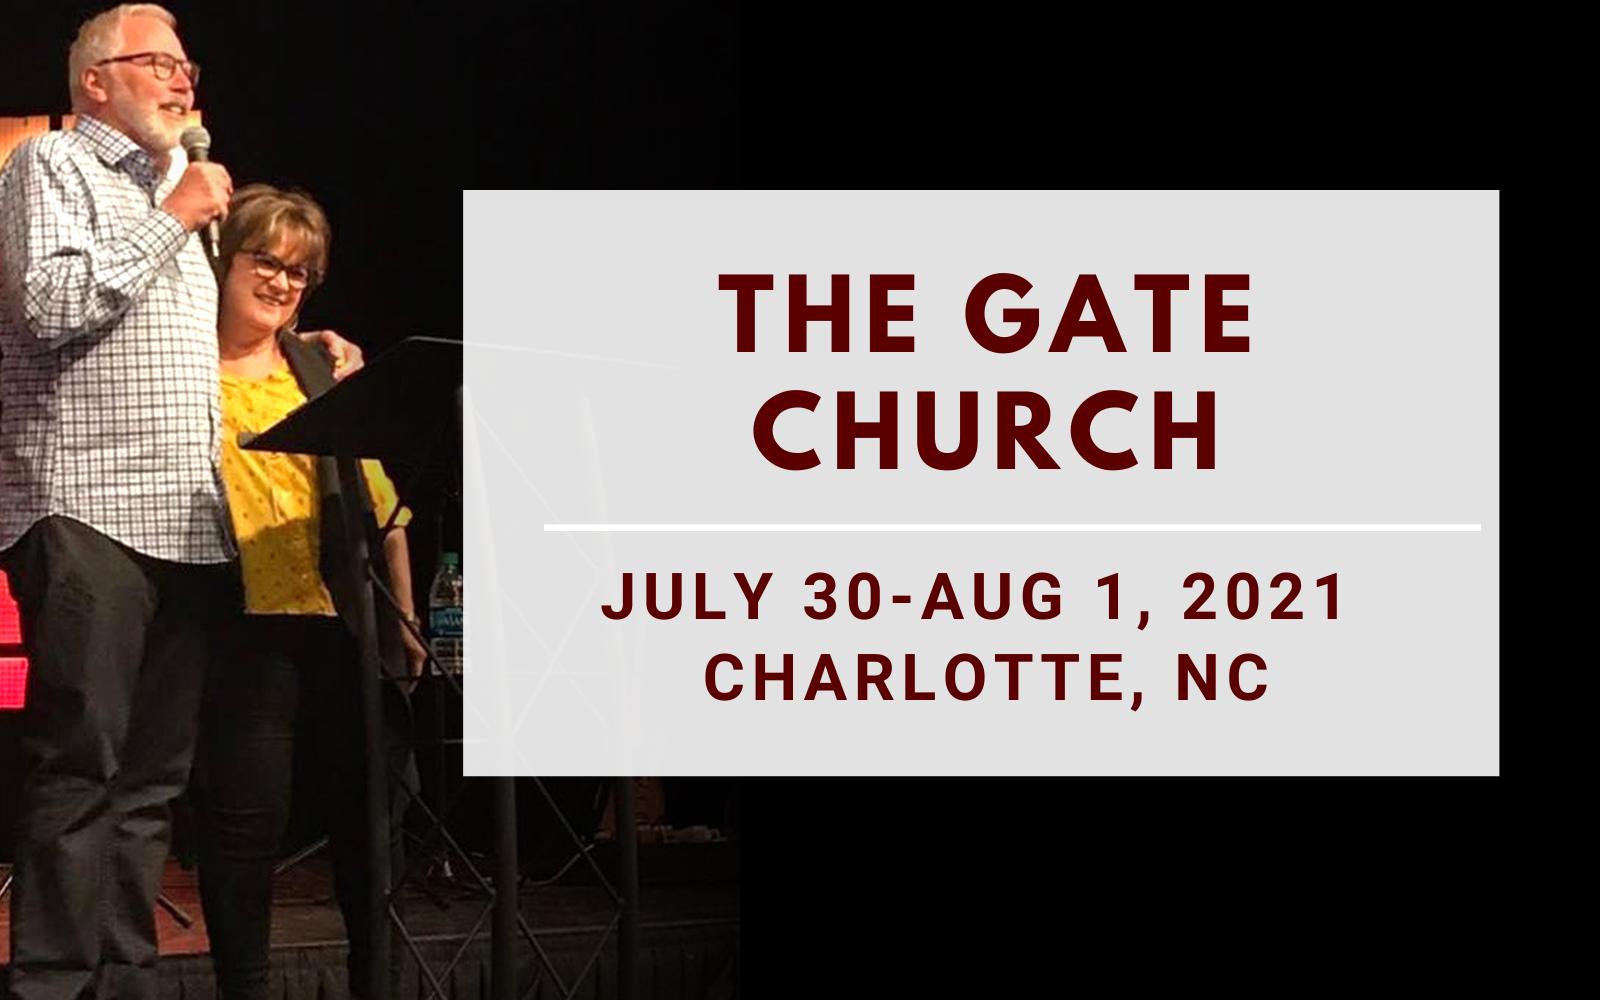 Charlotte, NC - The Gate Church